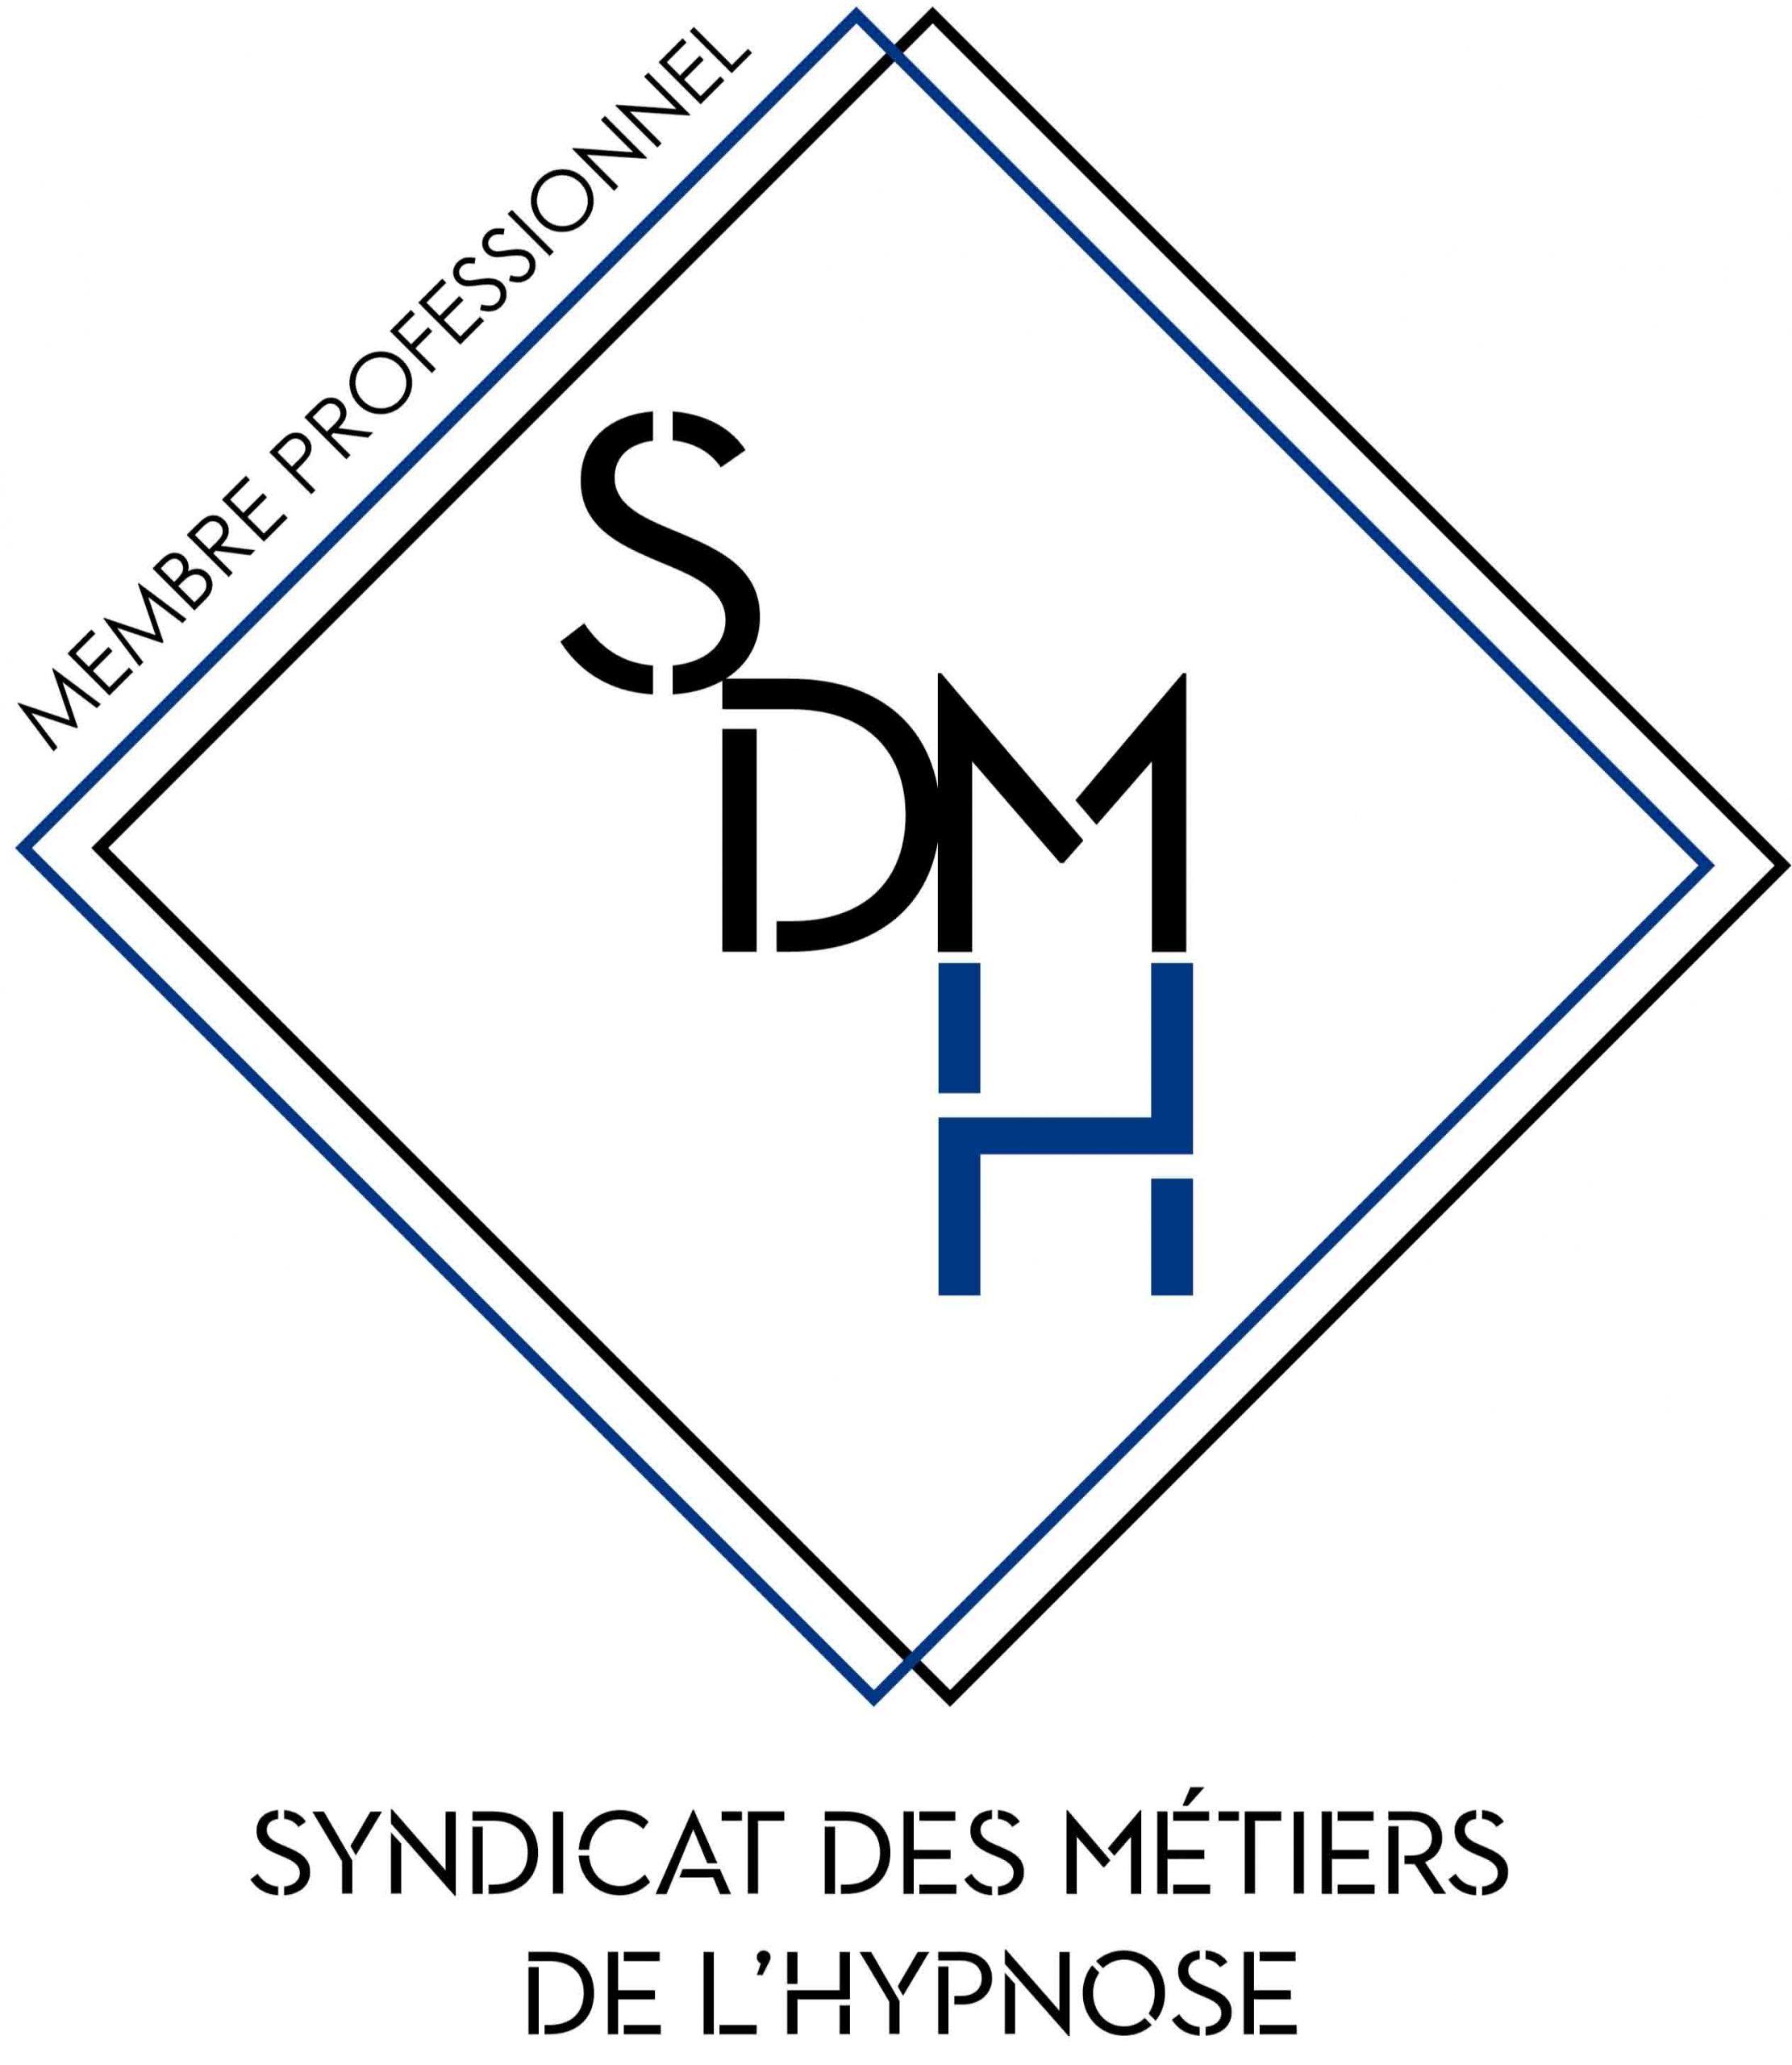 Syndicat des métiers de l'hypnose